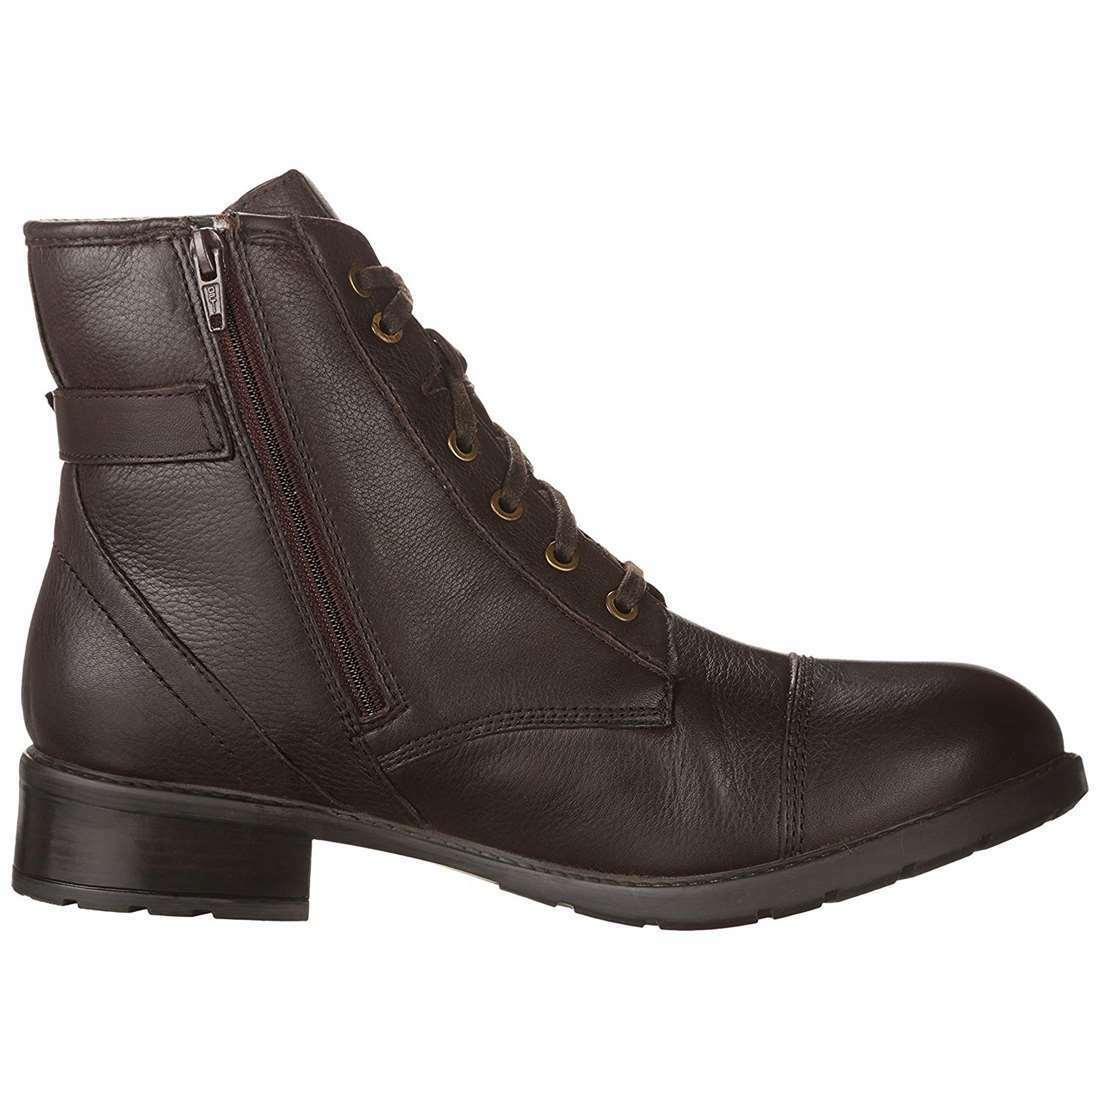 Clarks Mujer Swansea cornisa Cuero Anke Anke Anke Alta Con Cordones Cremallera Lateral botas De Invierno 32b7ed